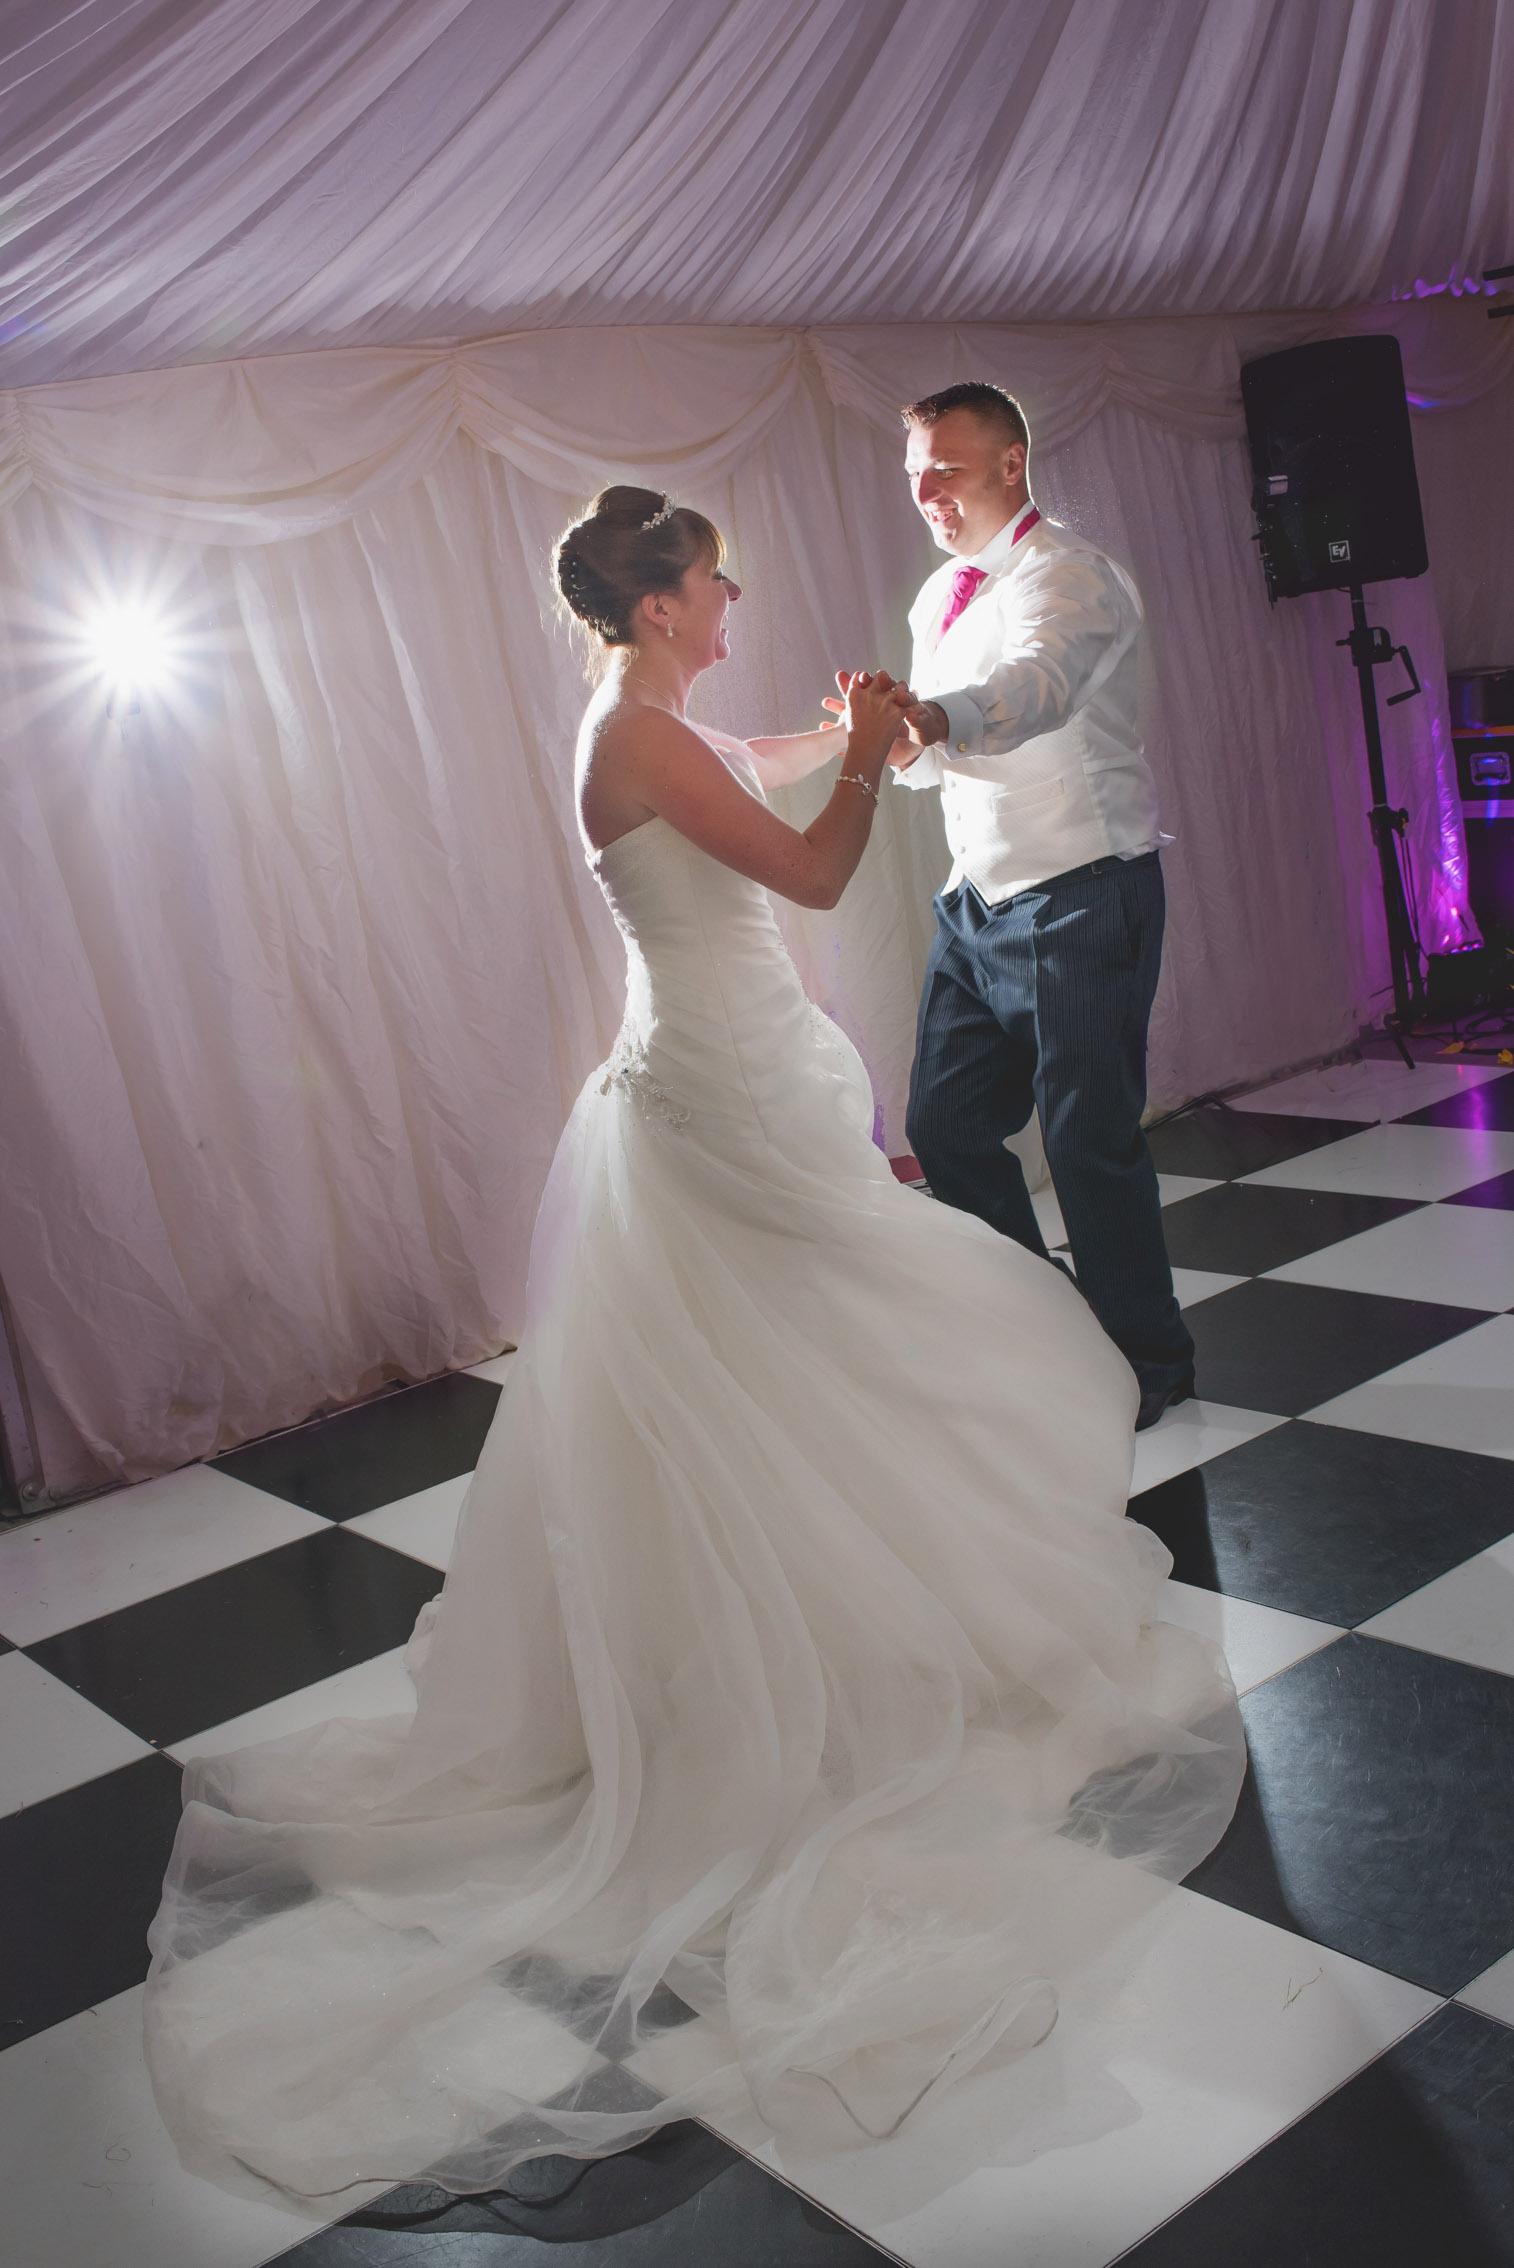 Farm-wedding-staffordshire-st-marys-catholic-church-uttoxter-124.jpg